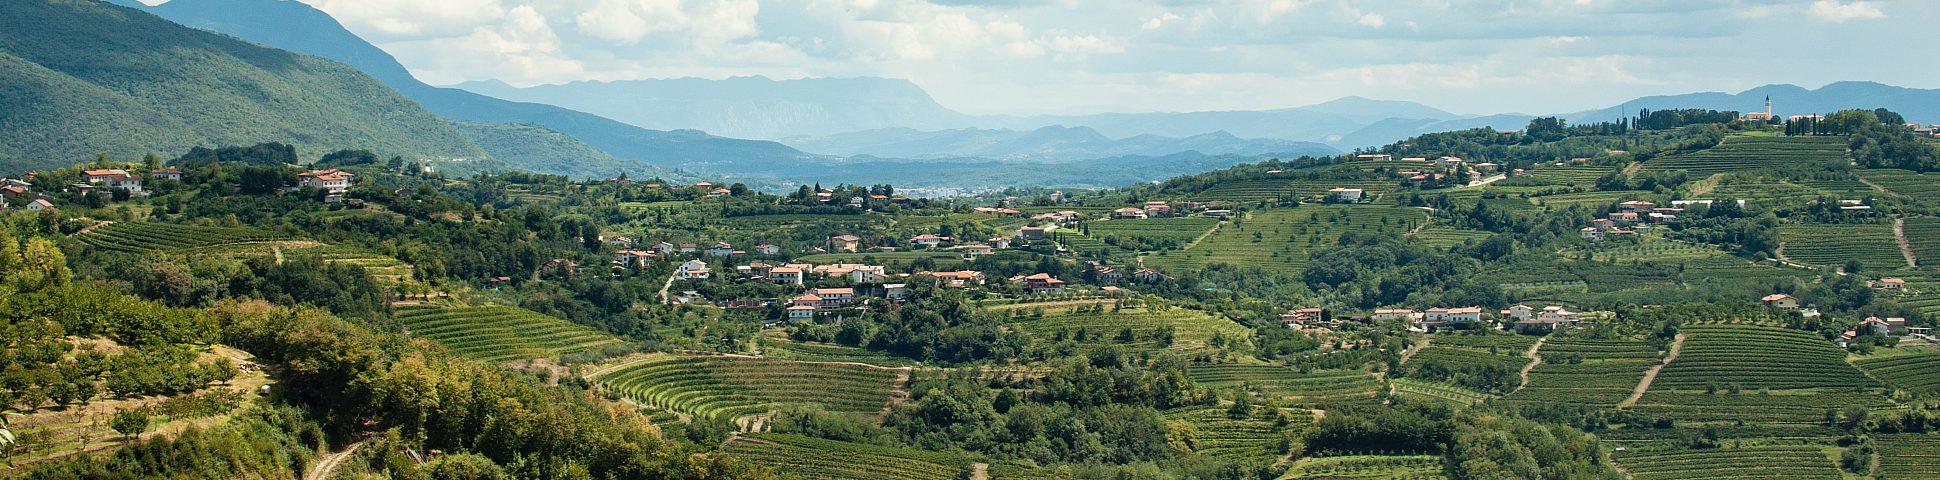 Gorska Brda in Slovenia